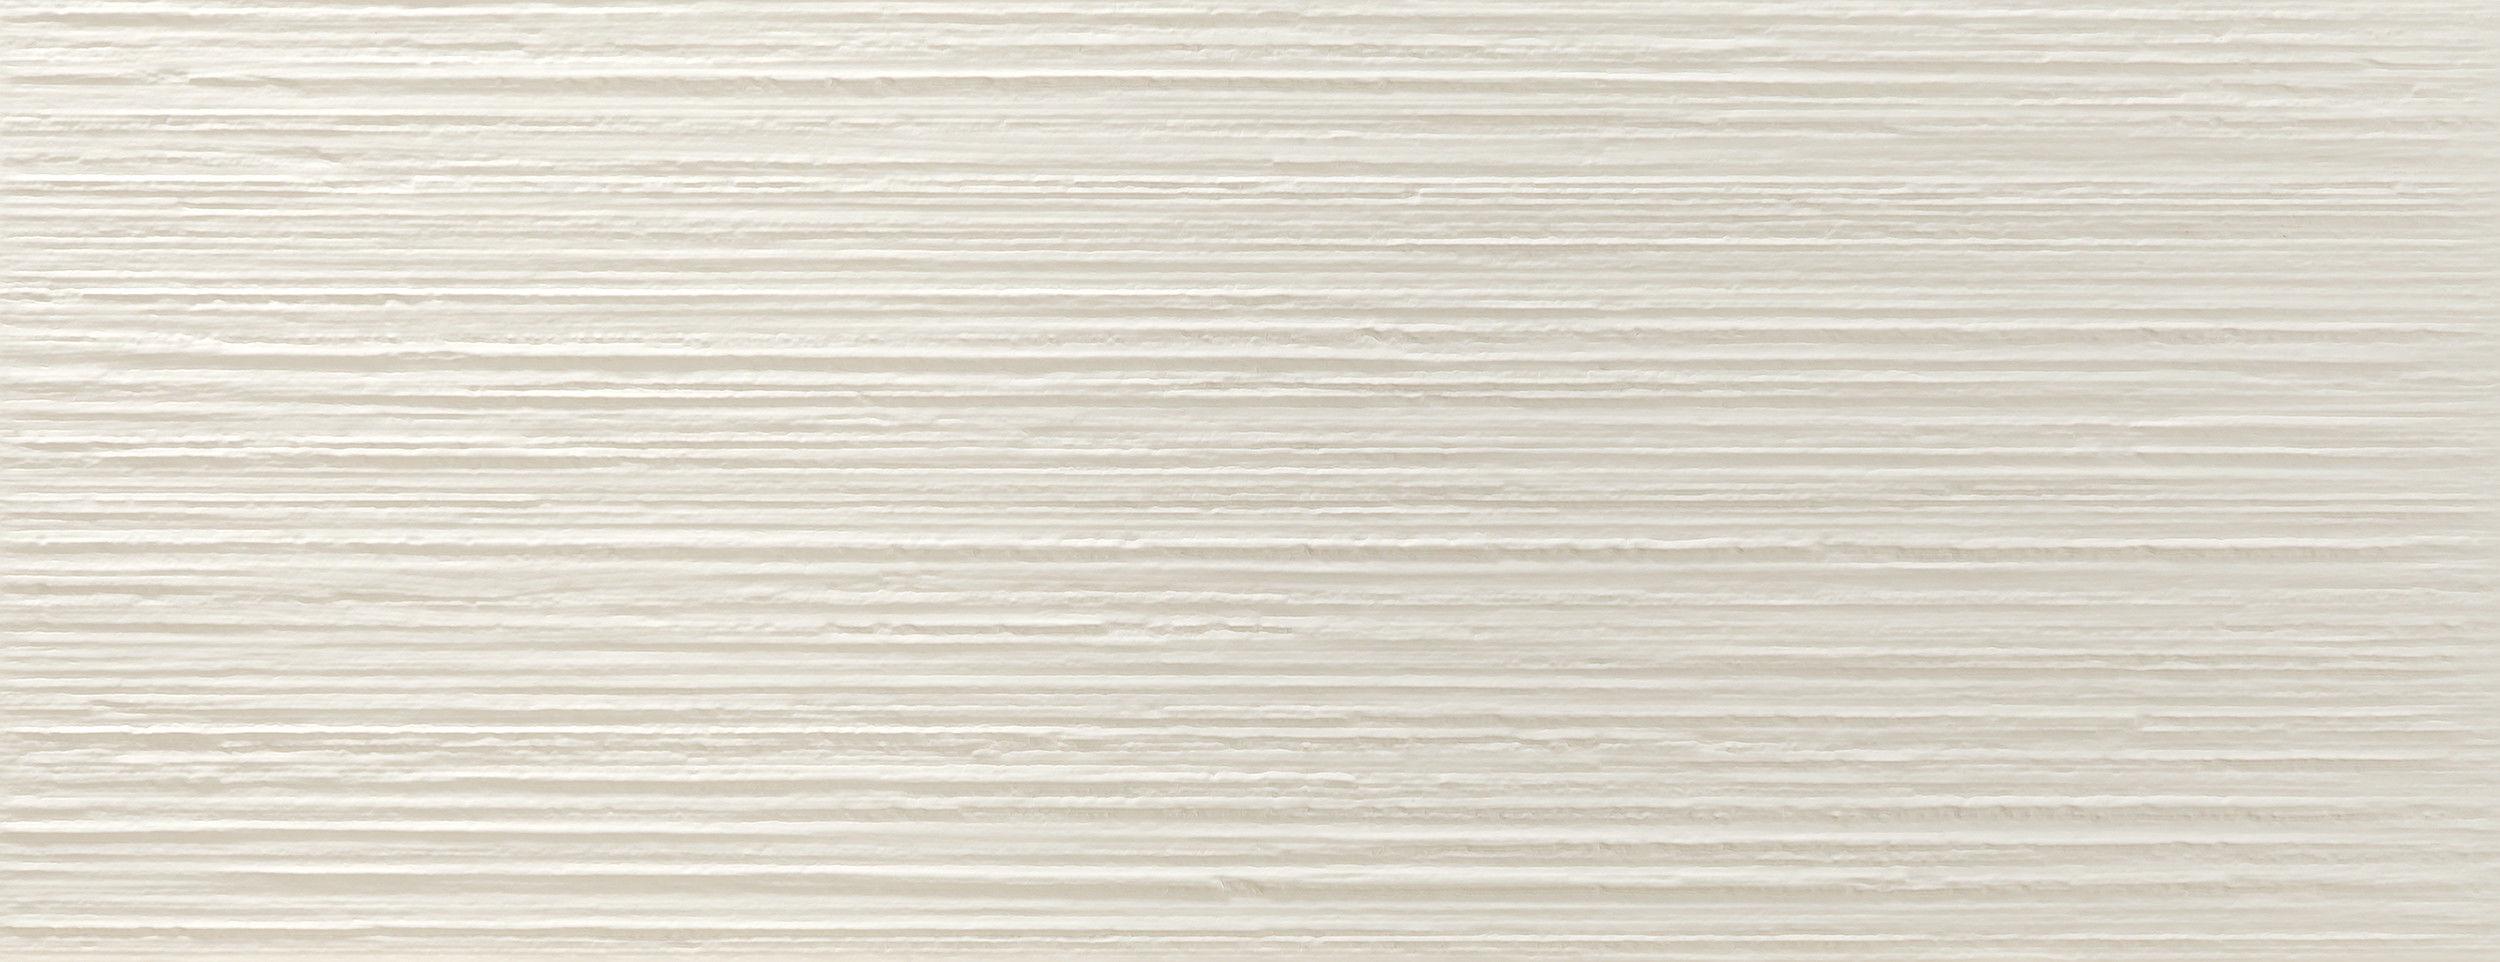 Clarity Hills Marfil Matt Slimrect 25x65 płytki ścienne